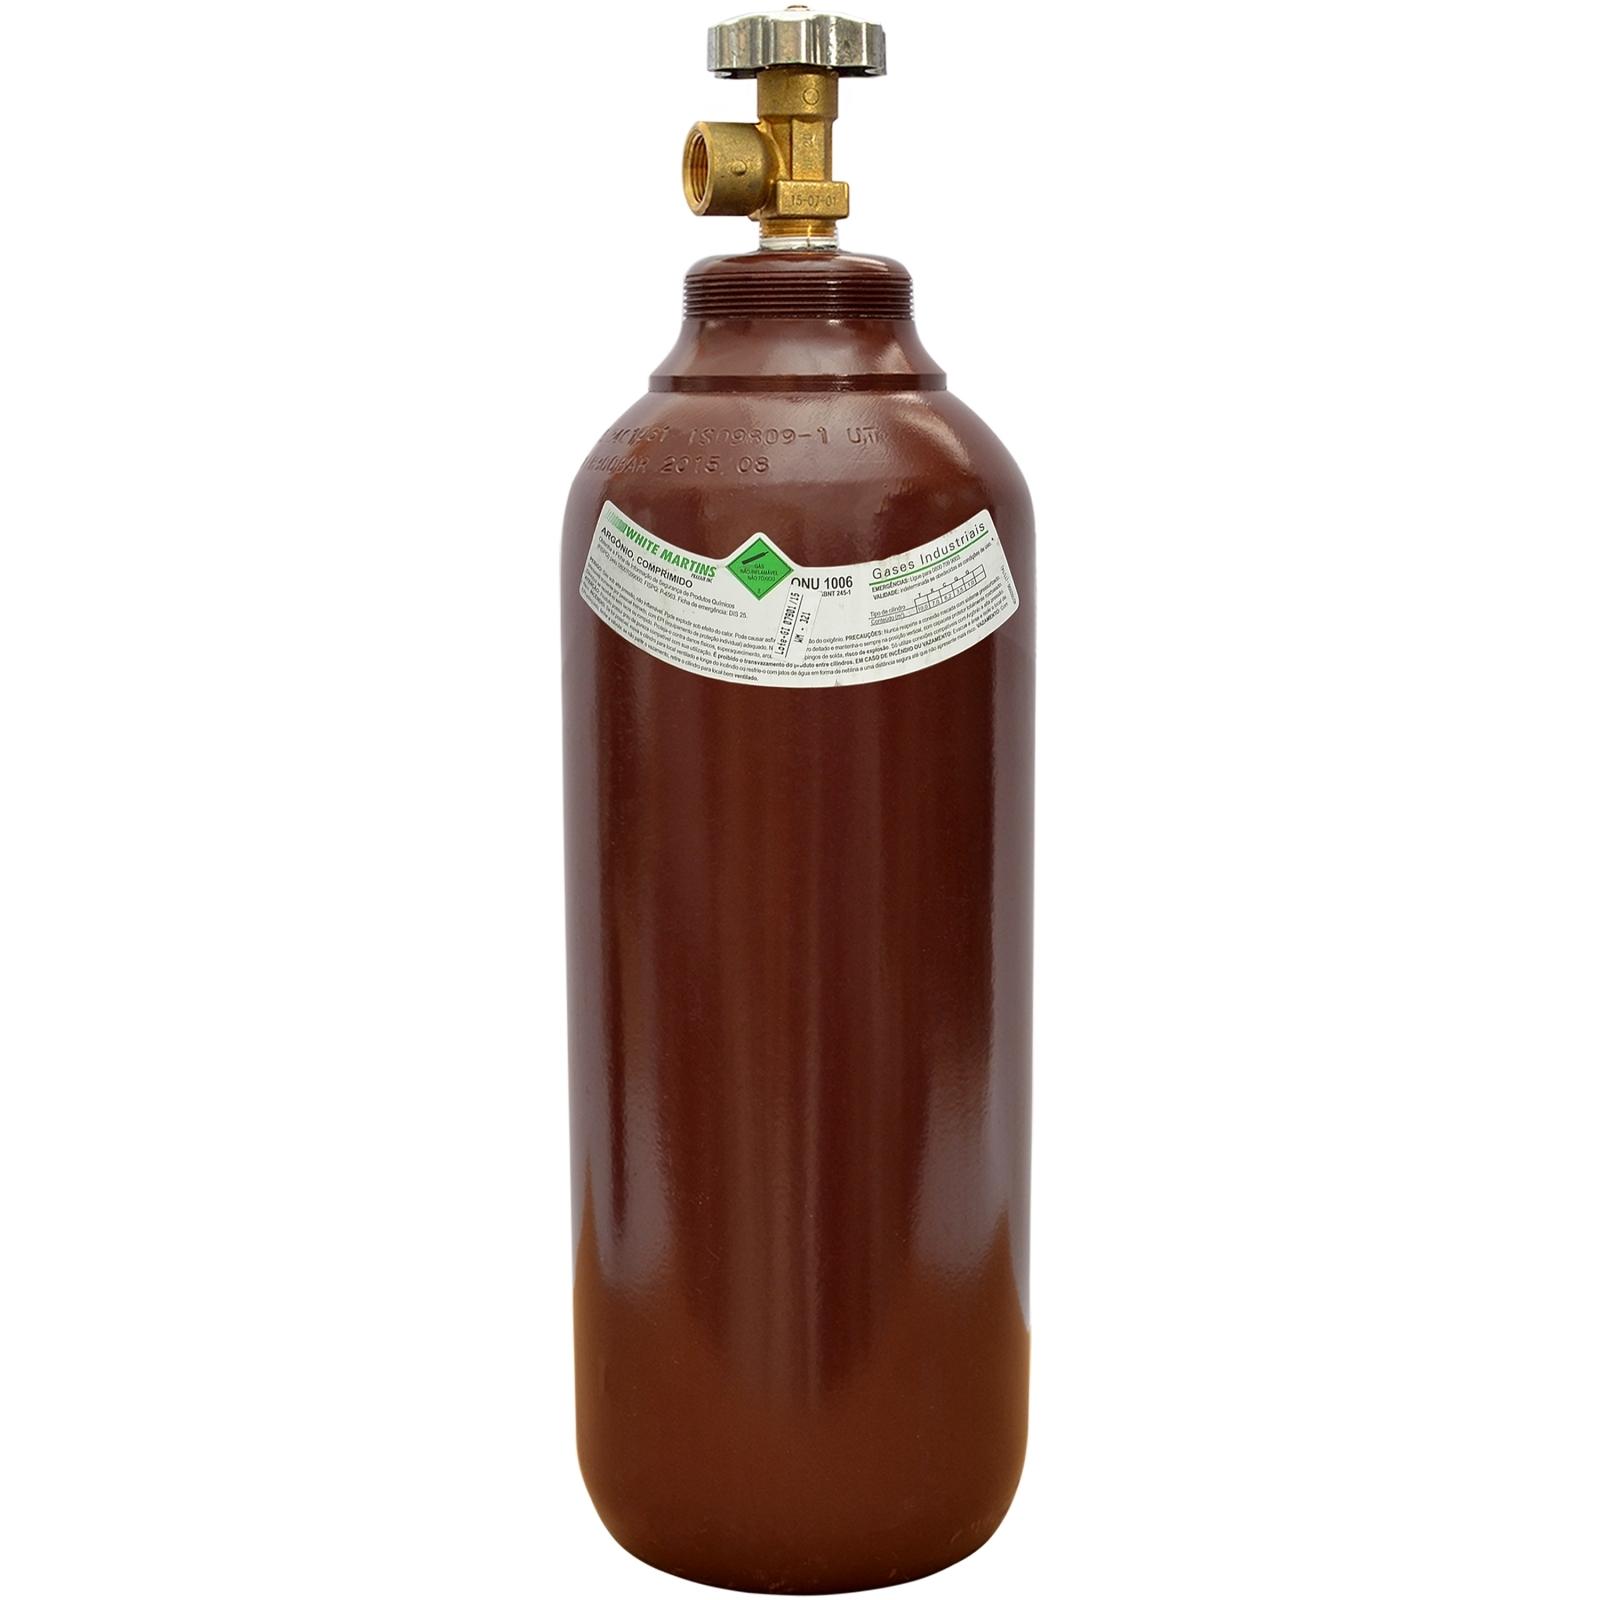 Cilindro  1mt3 Vazio Mistura Argônio Nitrogênio Co2 Oxig - Ferramentas MEP